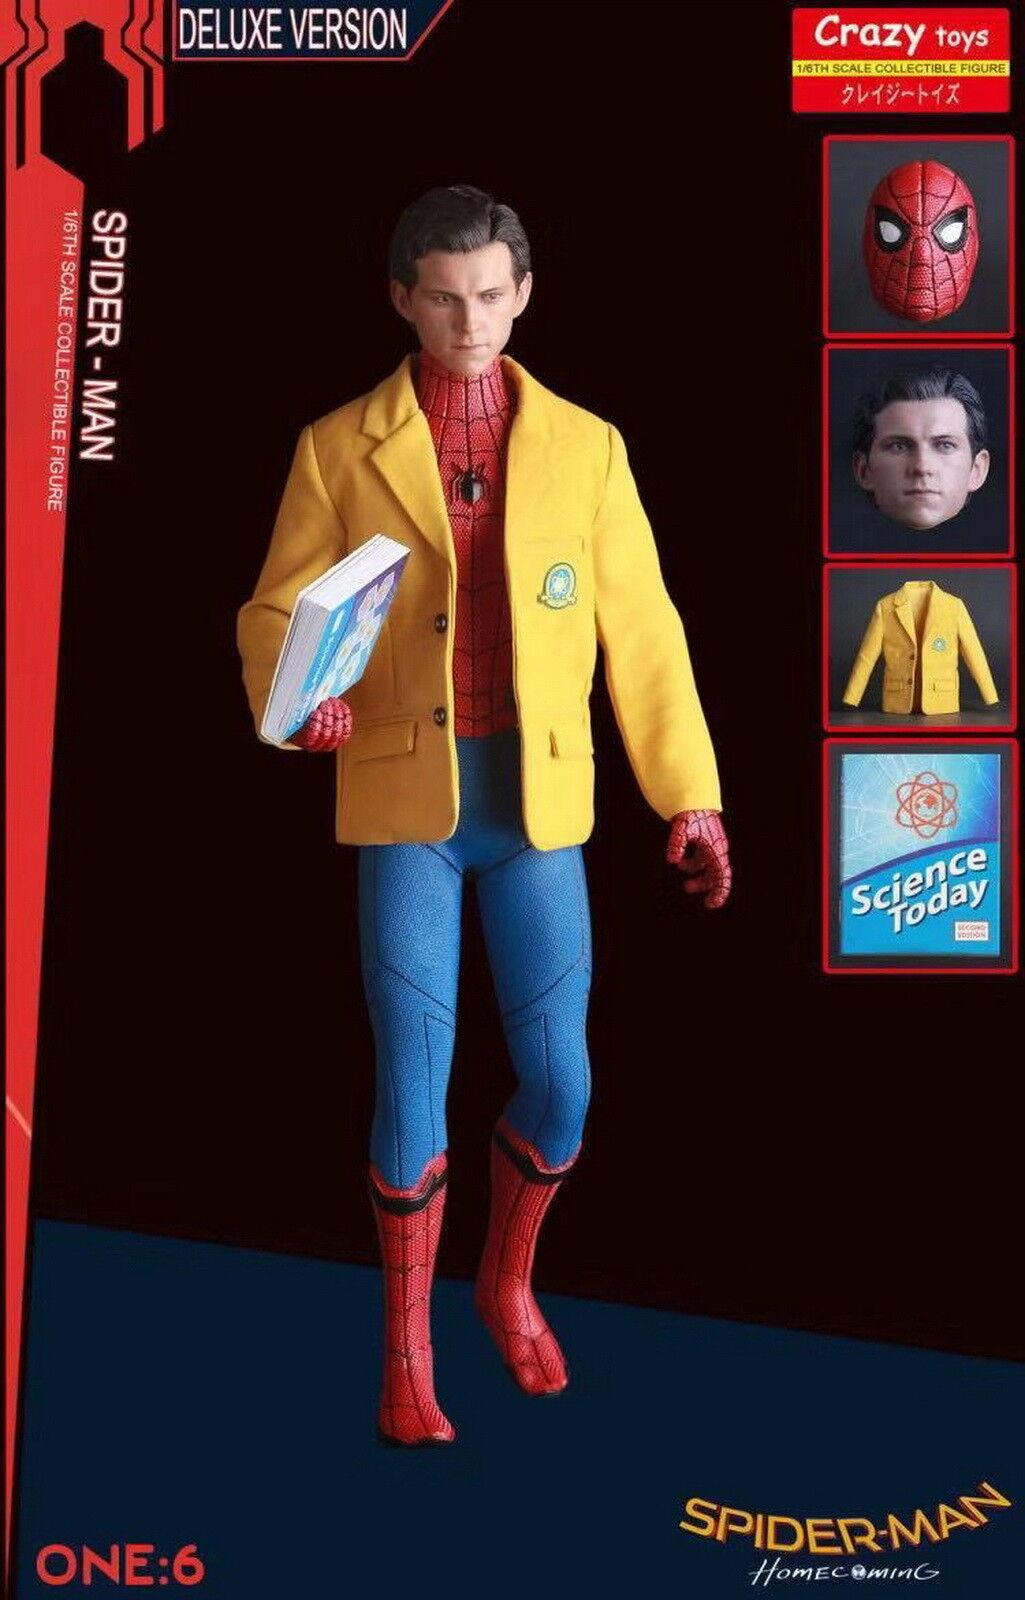 1 6TH SPIDER  uomo HOMECOMING 12'' DELUXE VERSION BY CRAZY giocattoli bambola STATUE GIFT  nuovo di marca